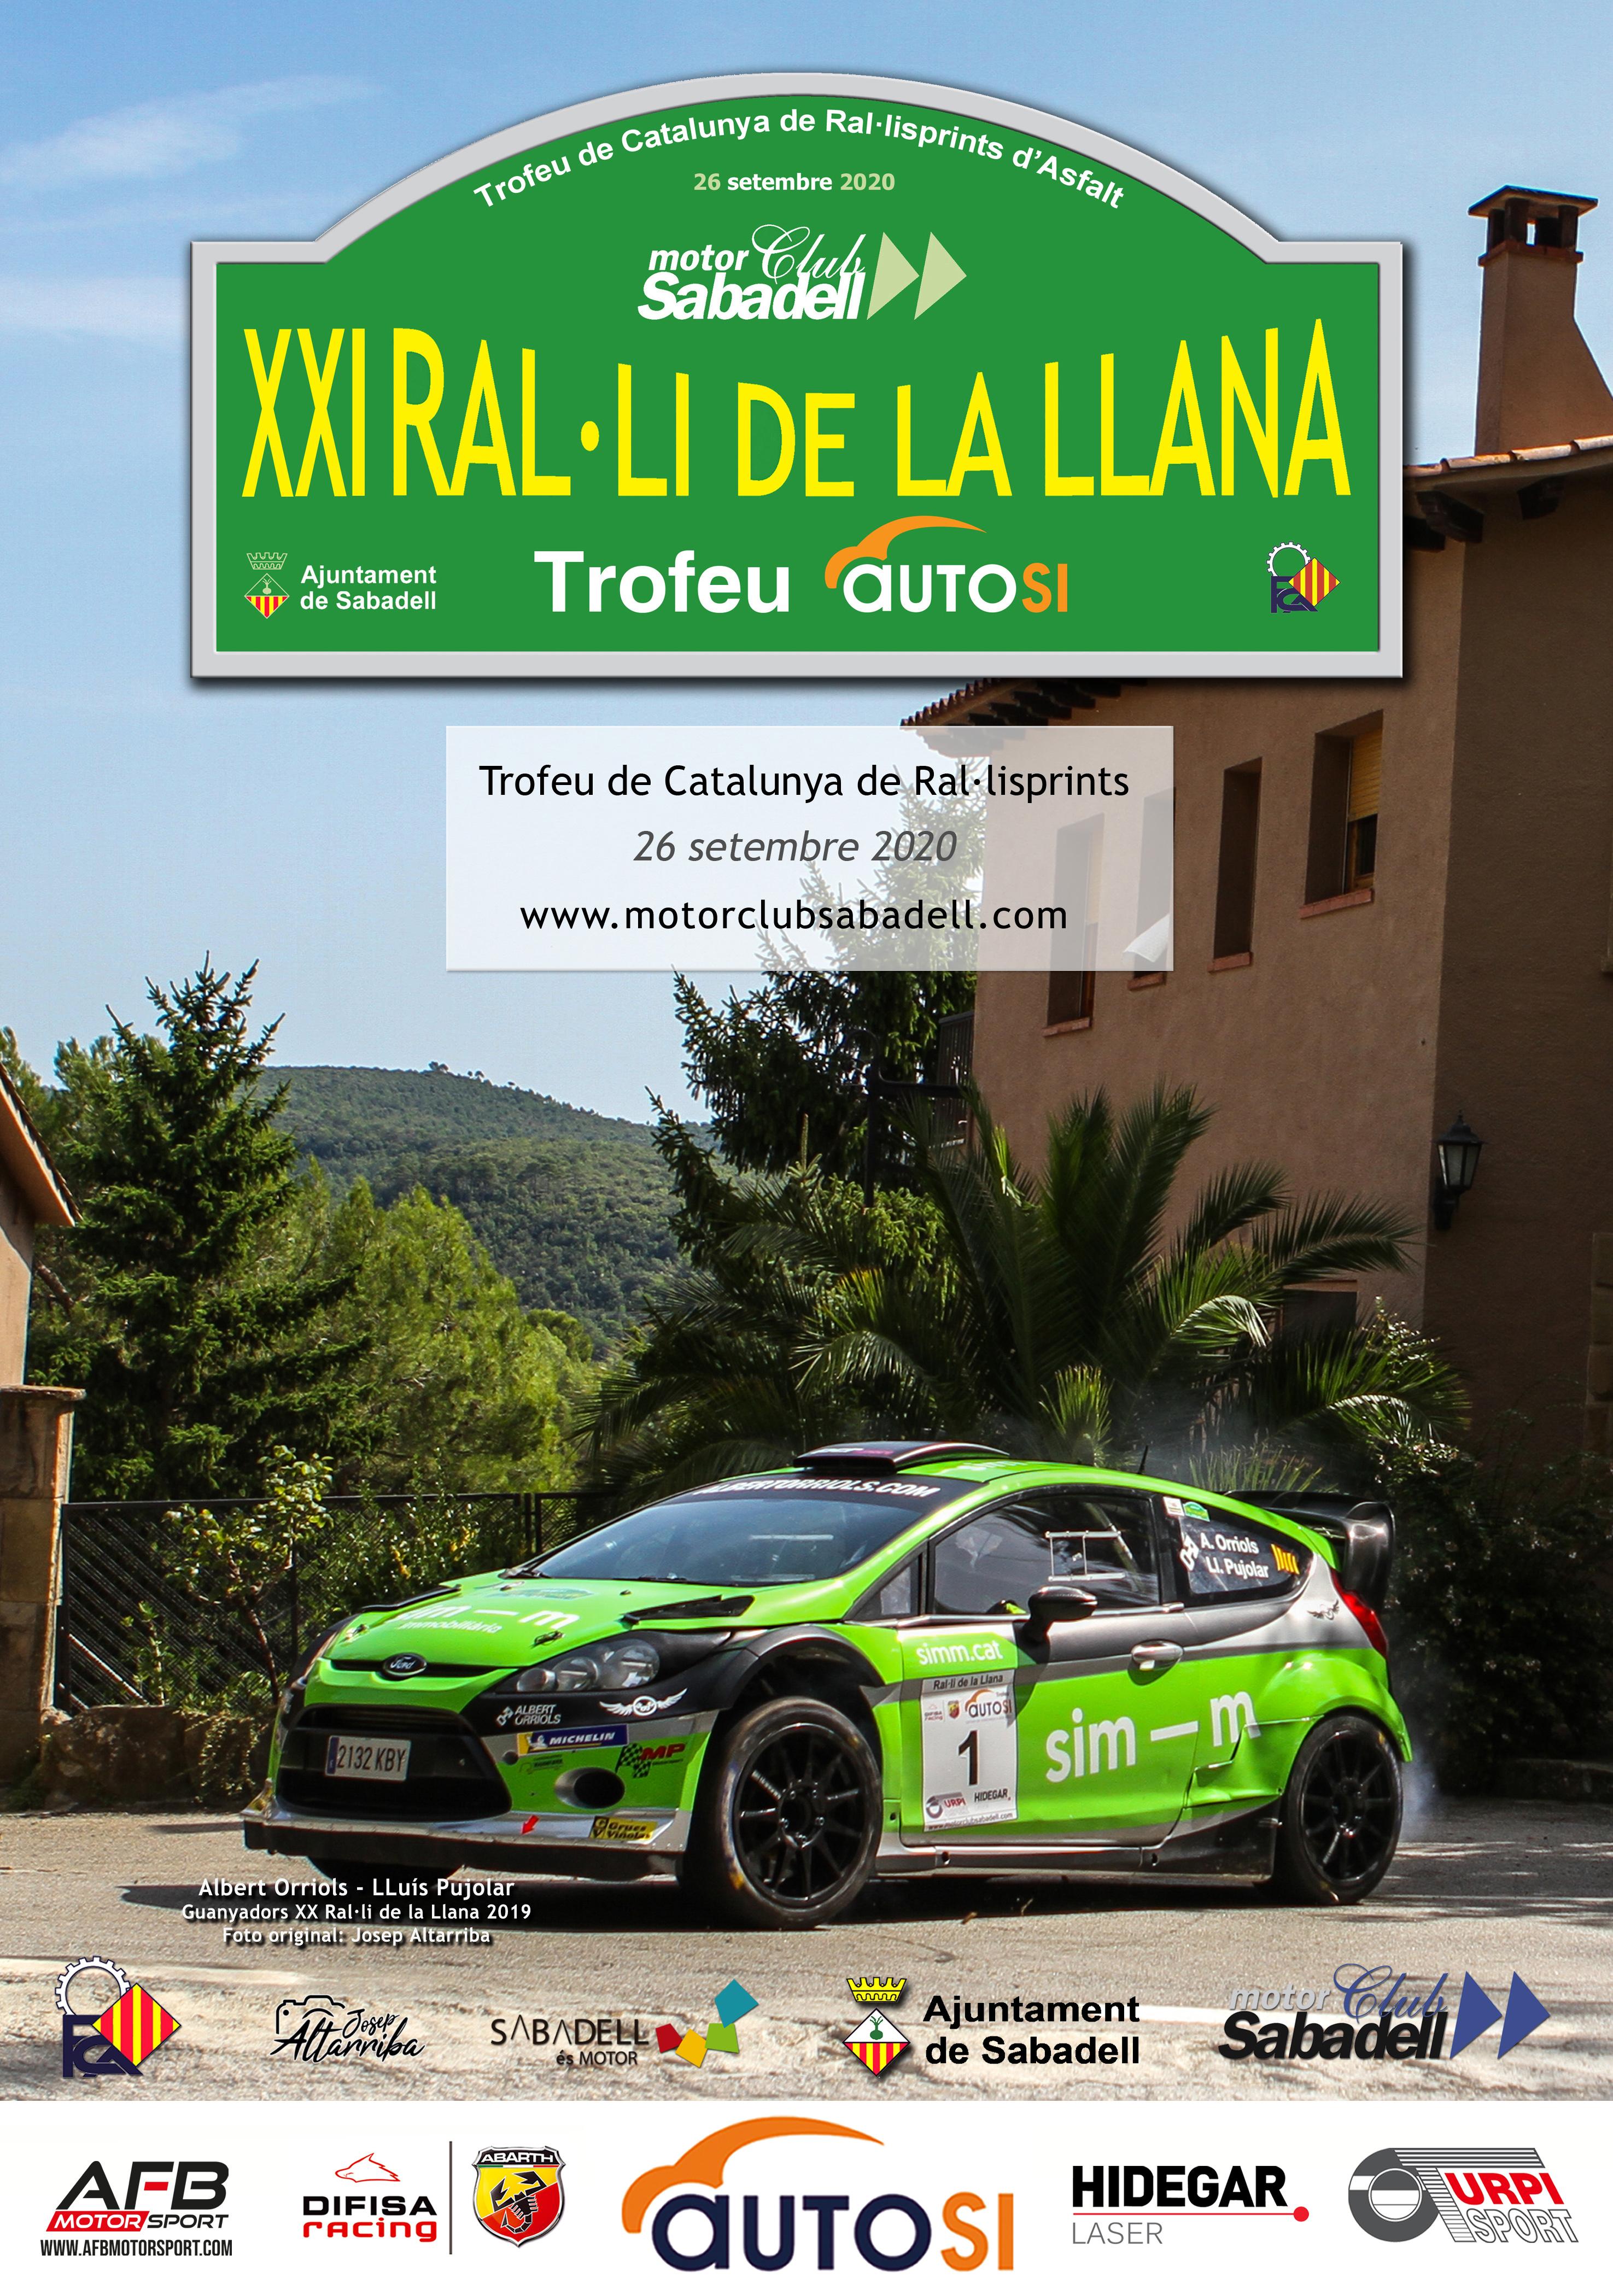 Campeonatos Regionales 2020: Información y novedades - Página 18 Poster_Llana_2020